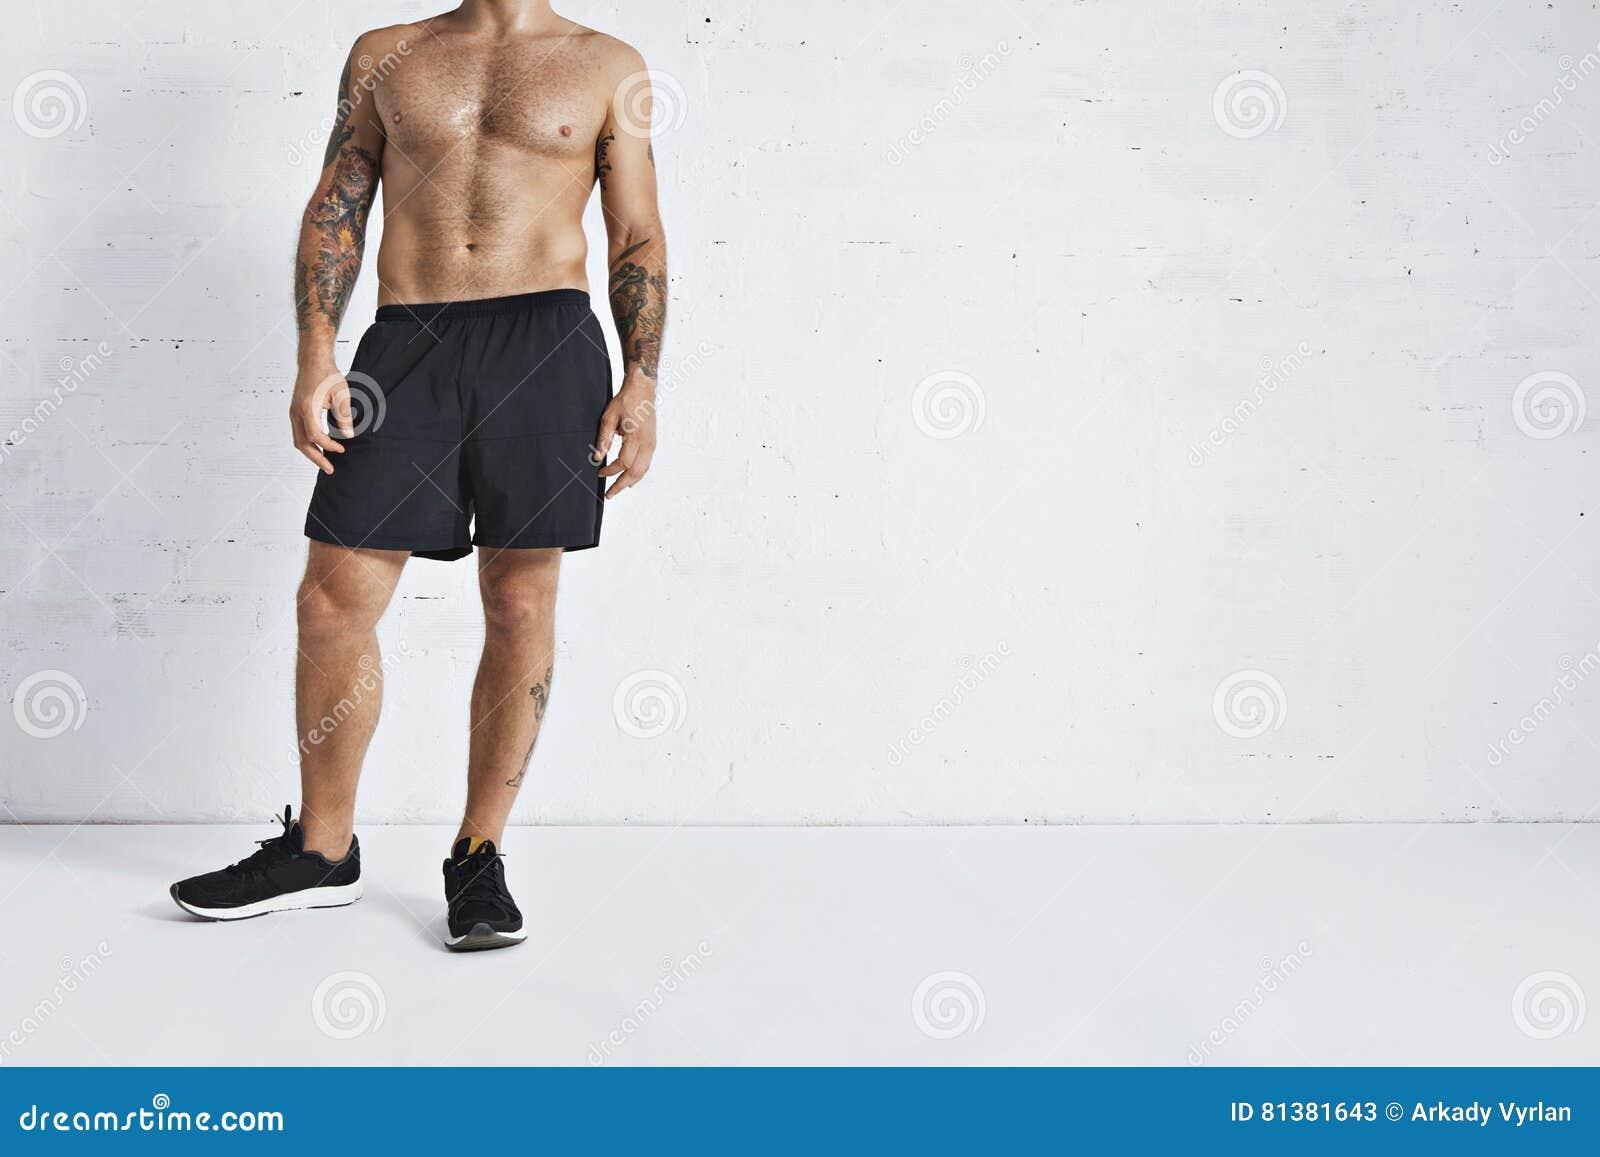 Athlète de gymnastique suédoise faisant une pause